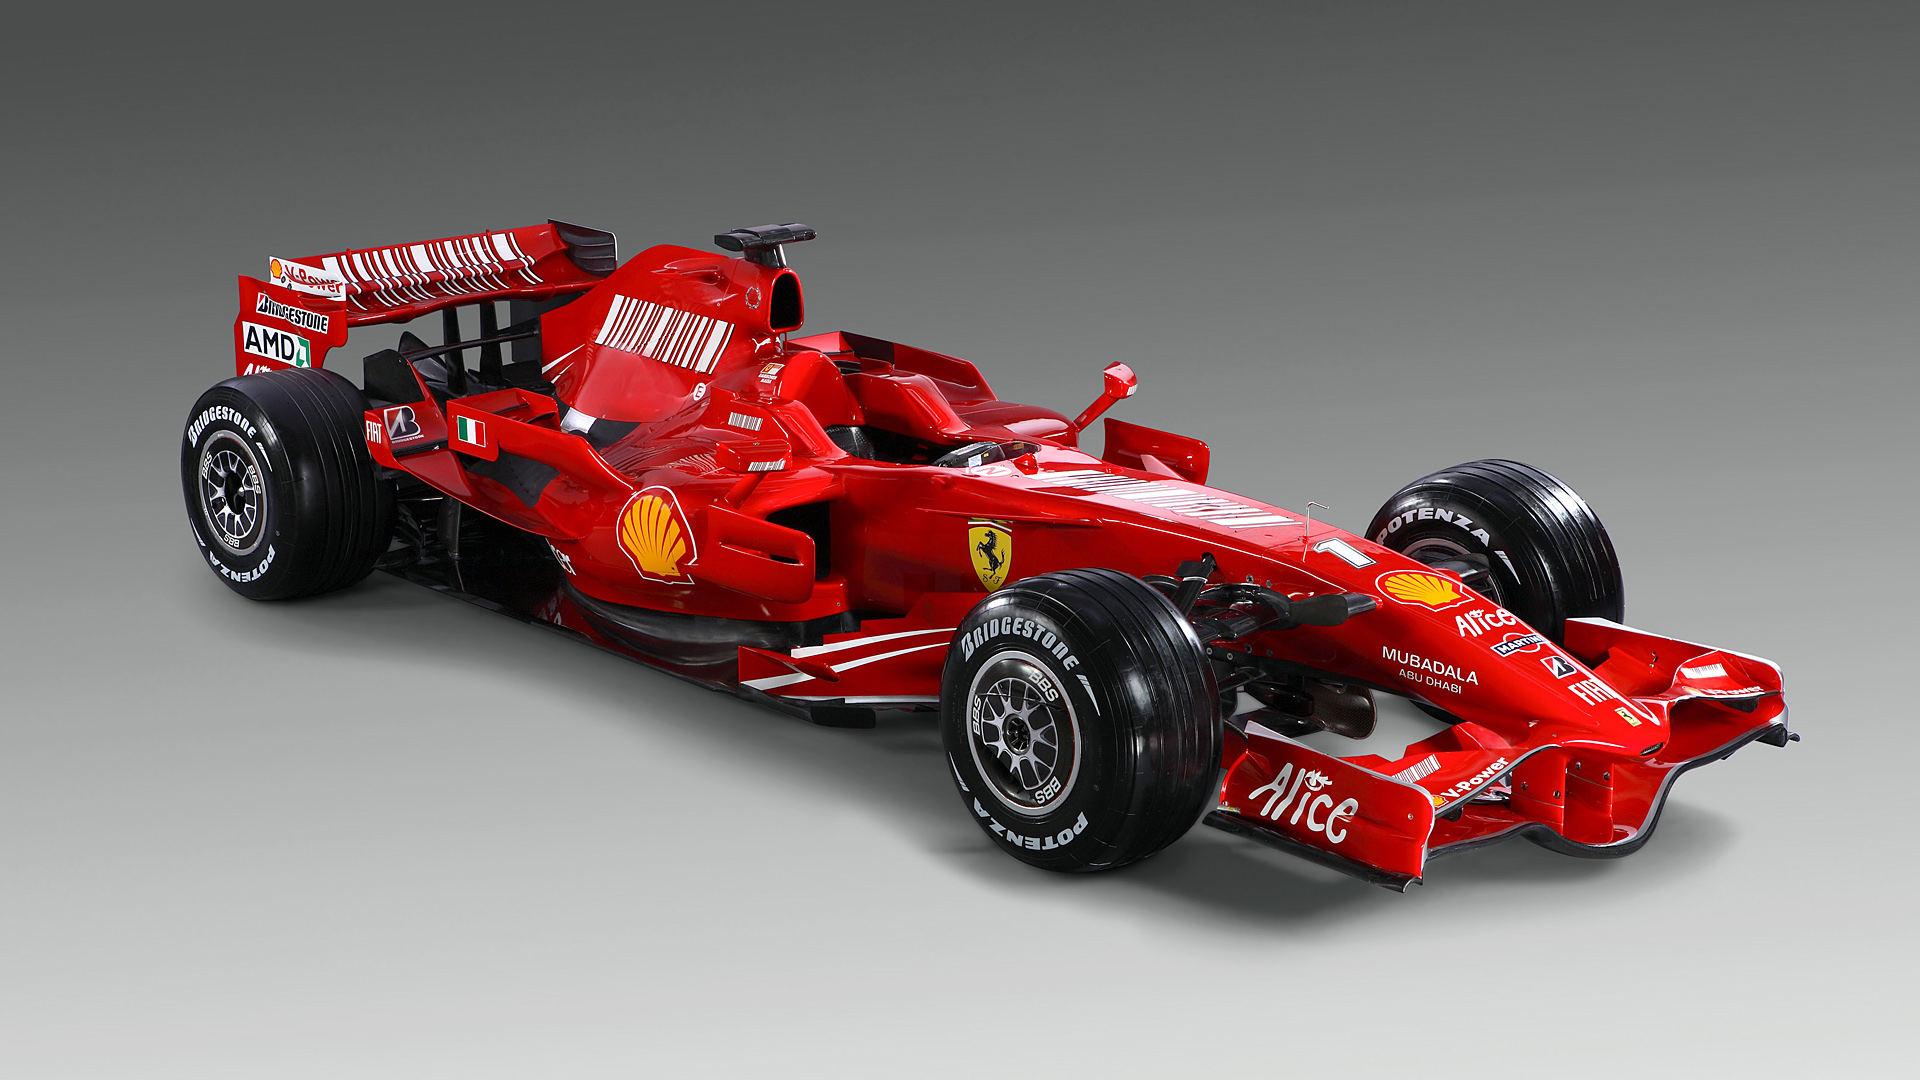 2008 Ferrari F2008